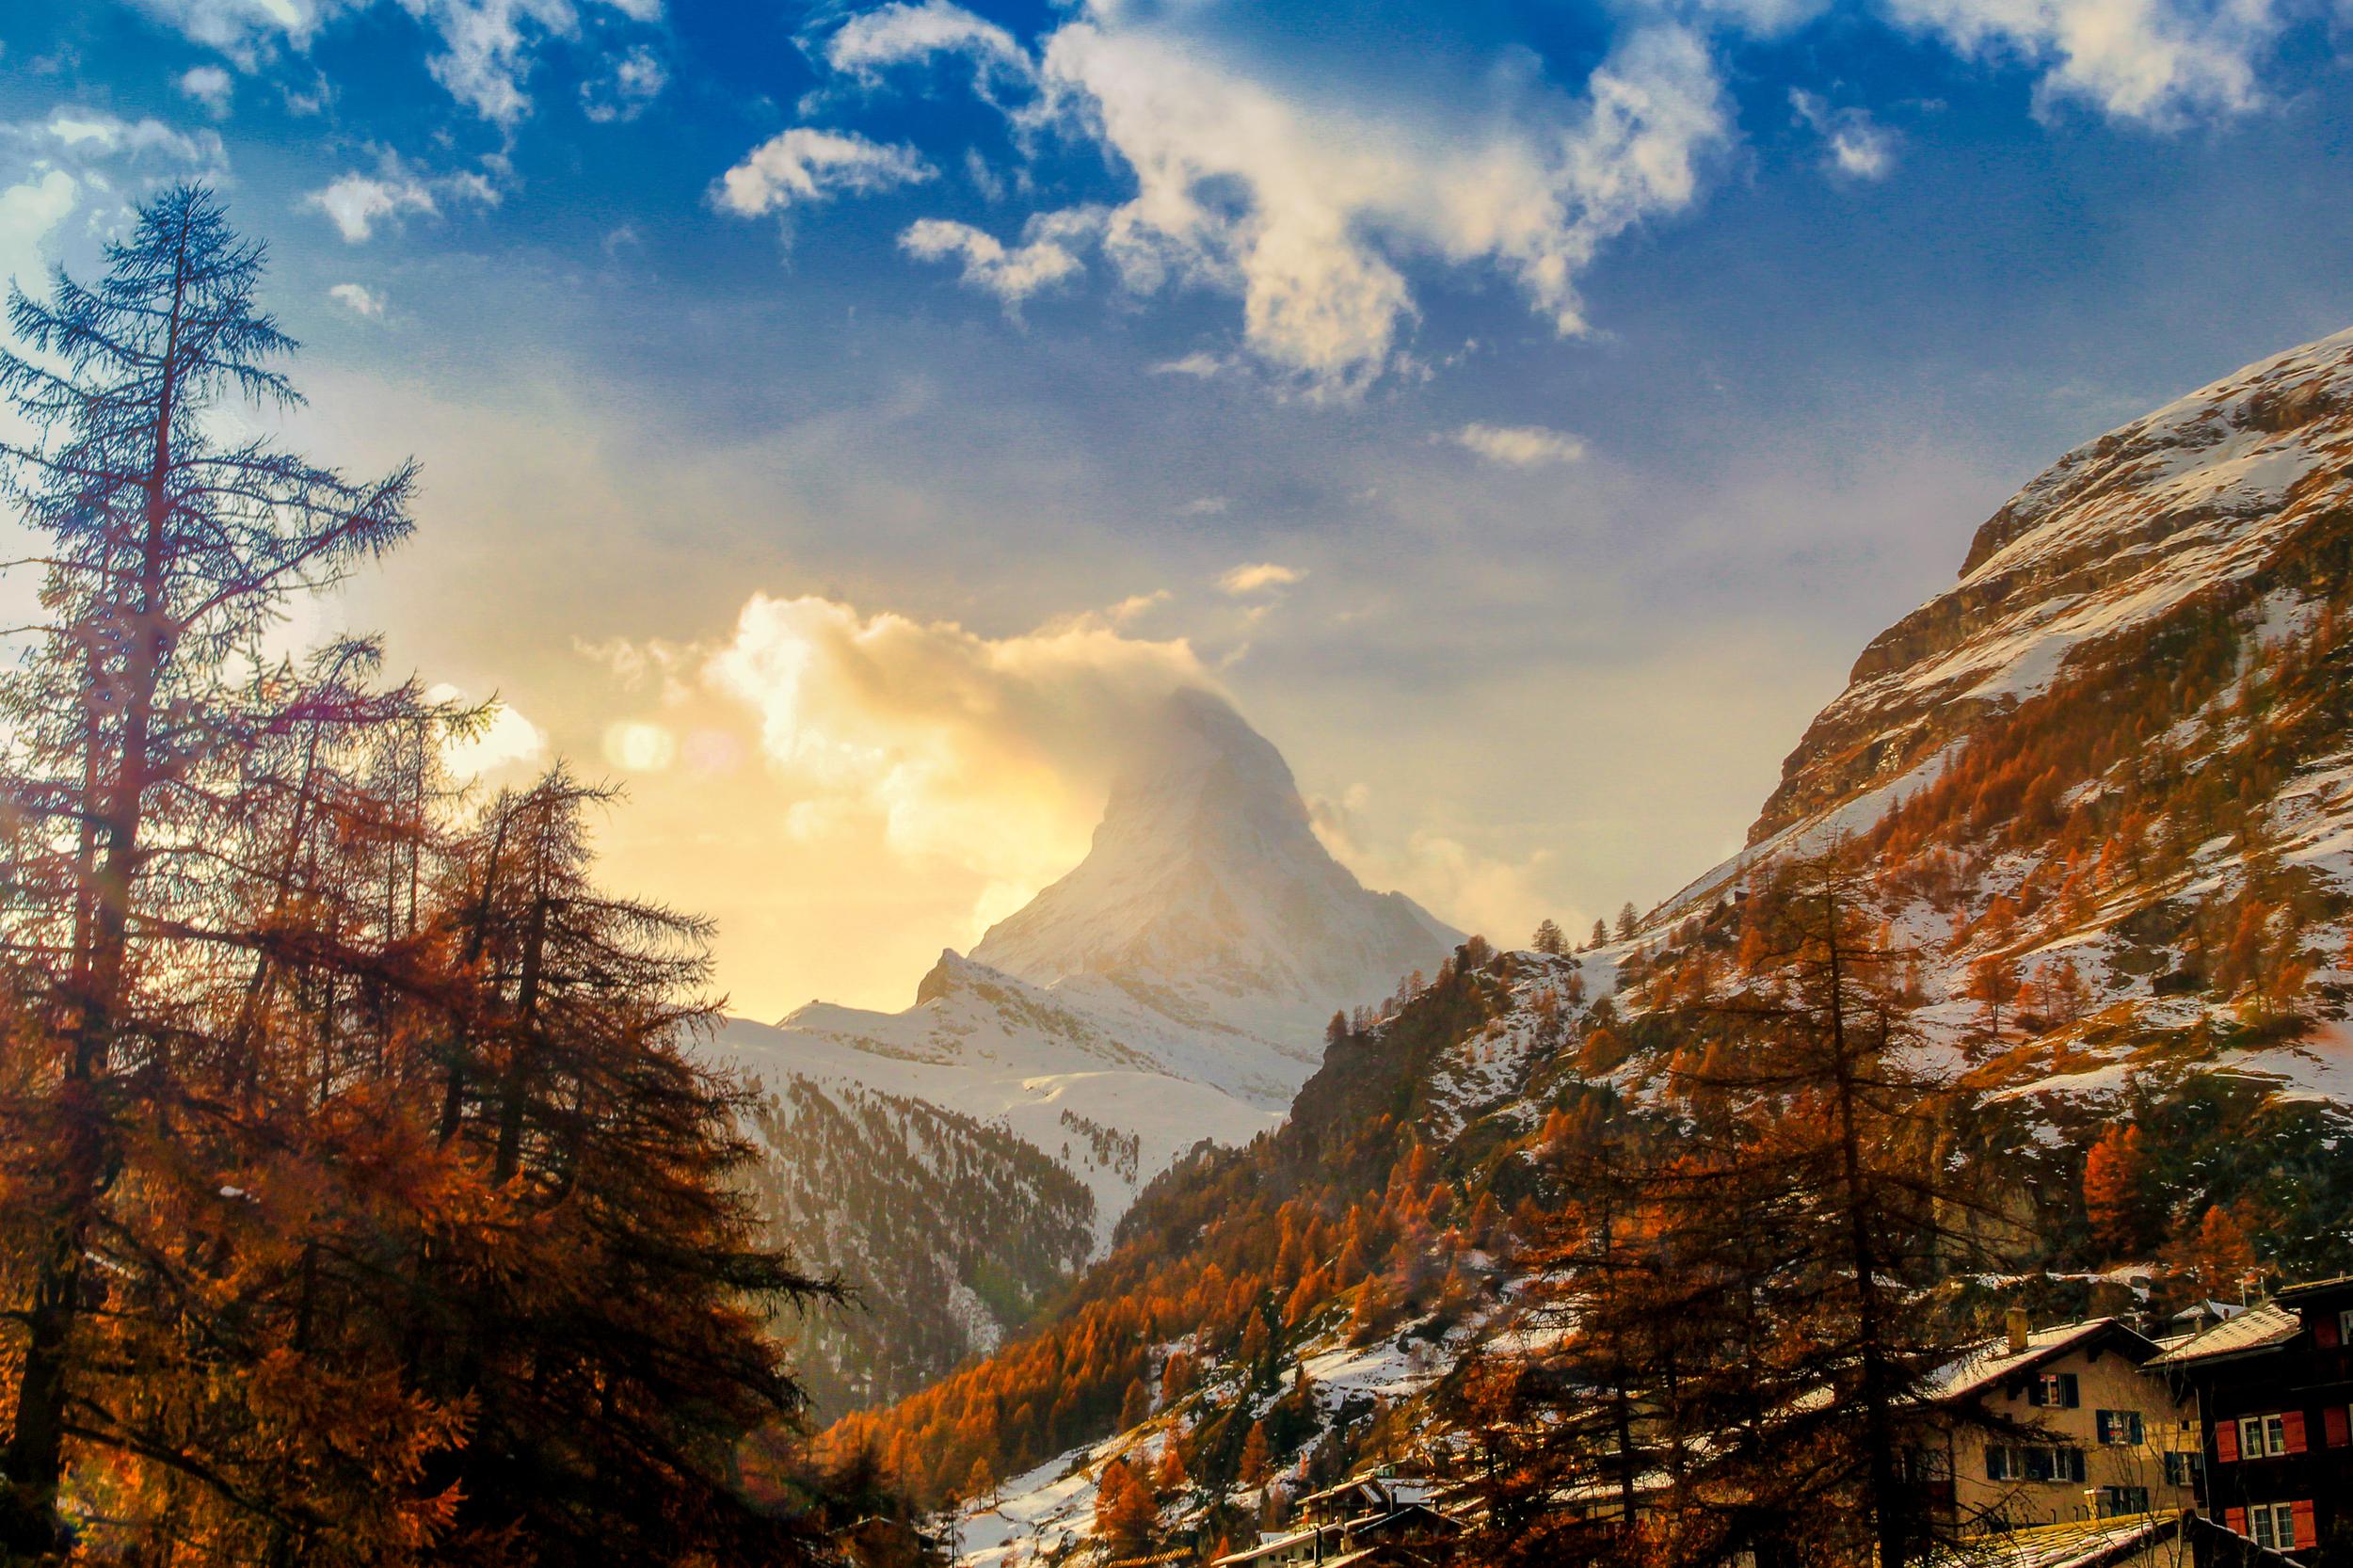 How To Get To Zermatt